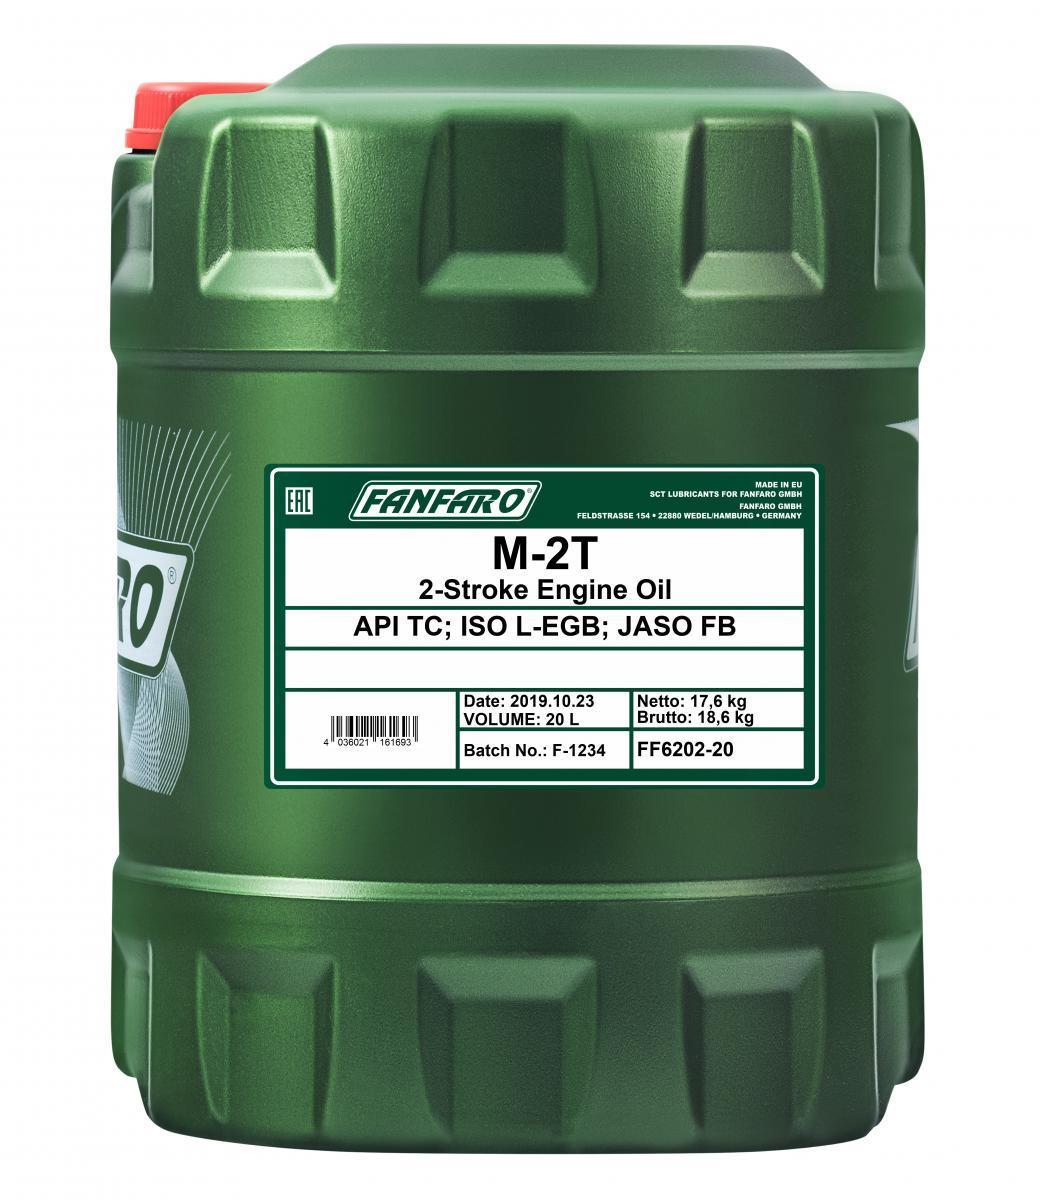 FANFARO M-2T Motorolja 20l, Mineralolja FF6202-20 TOMOS